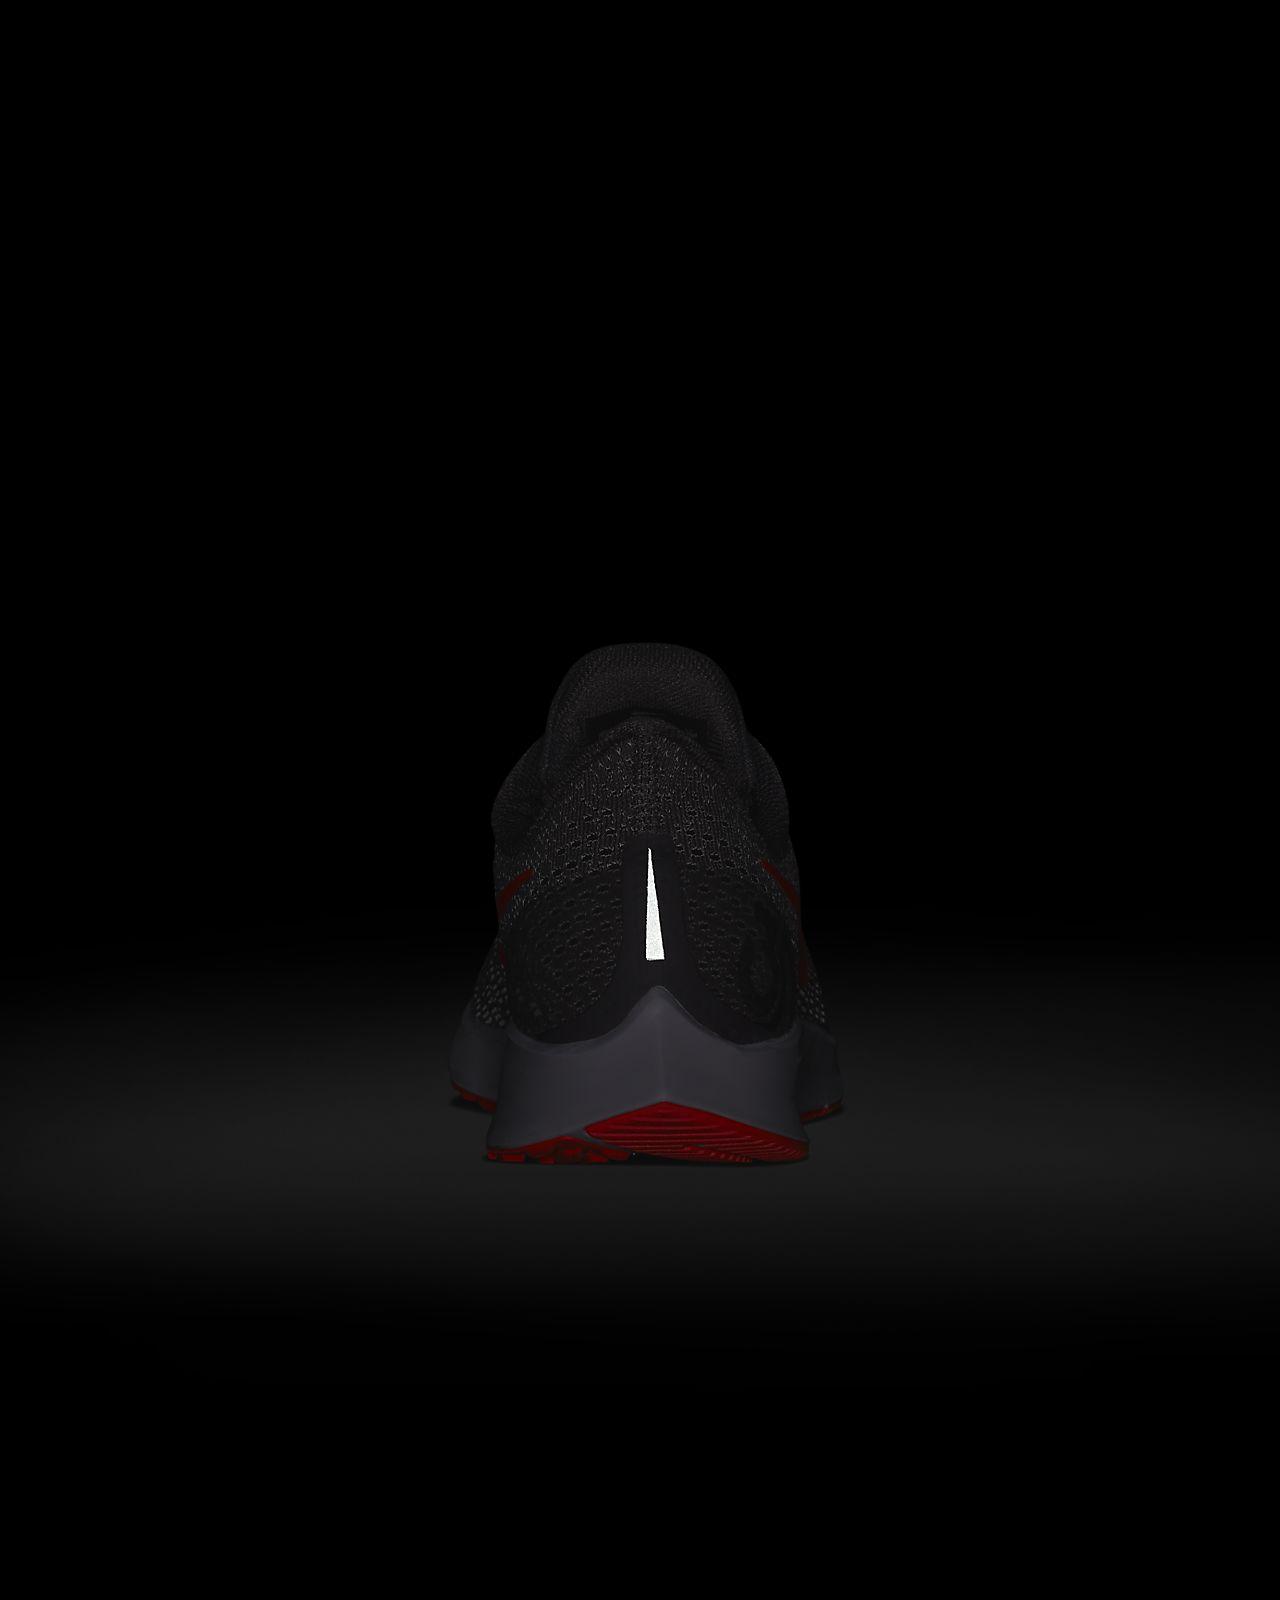 new product f7fcb d7788 Nike Air Zoom Pegasus 35 Men's Running Shoe